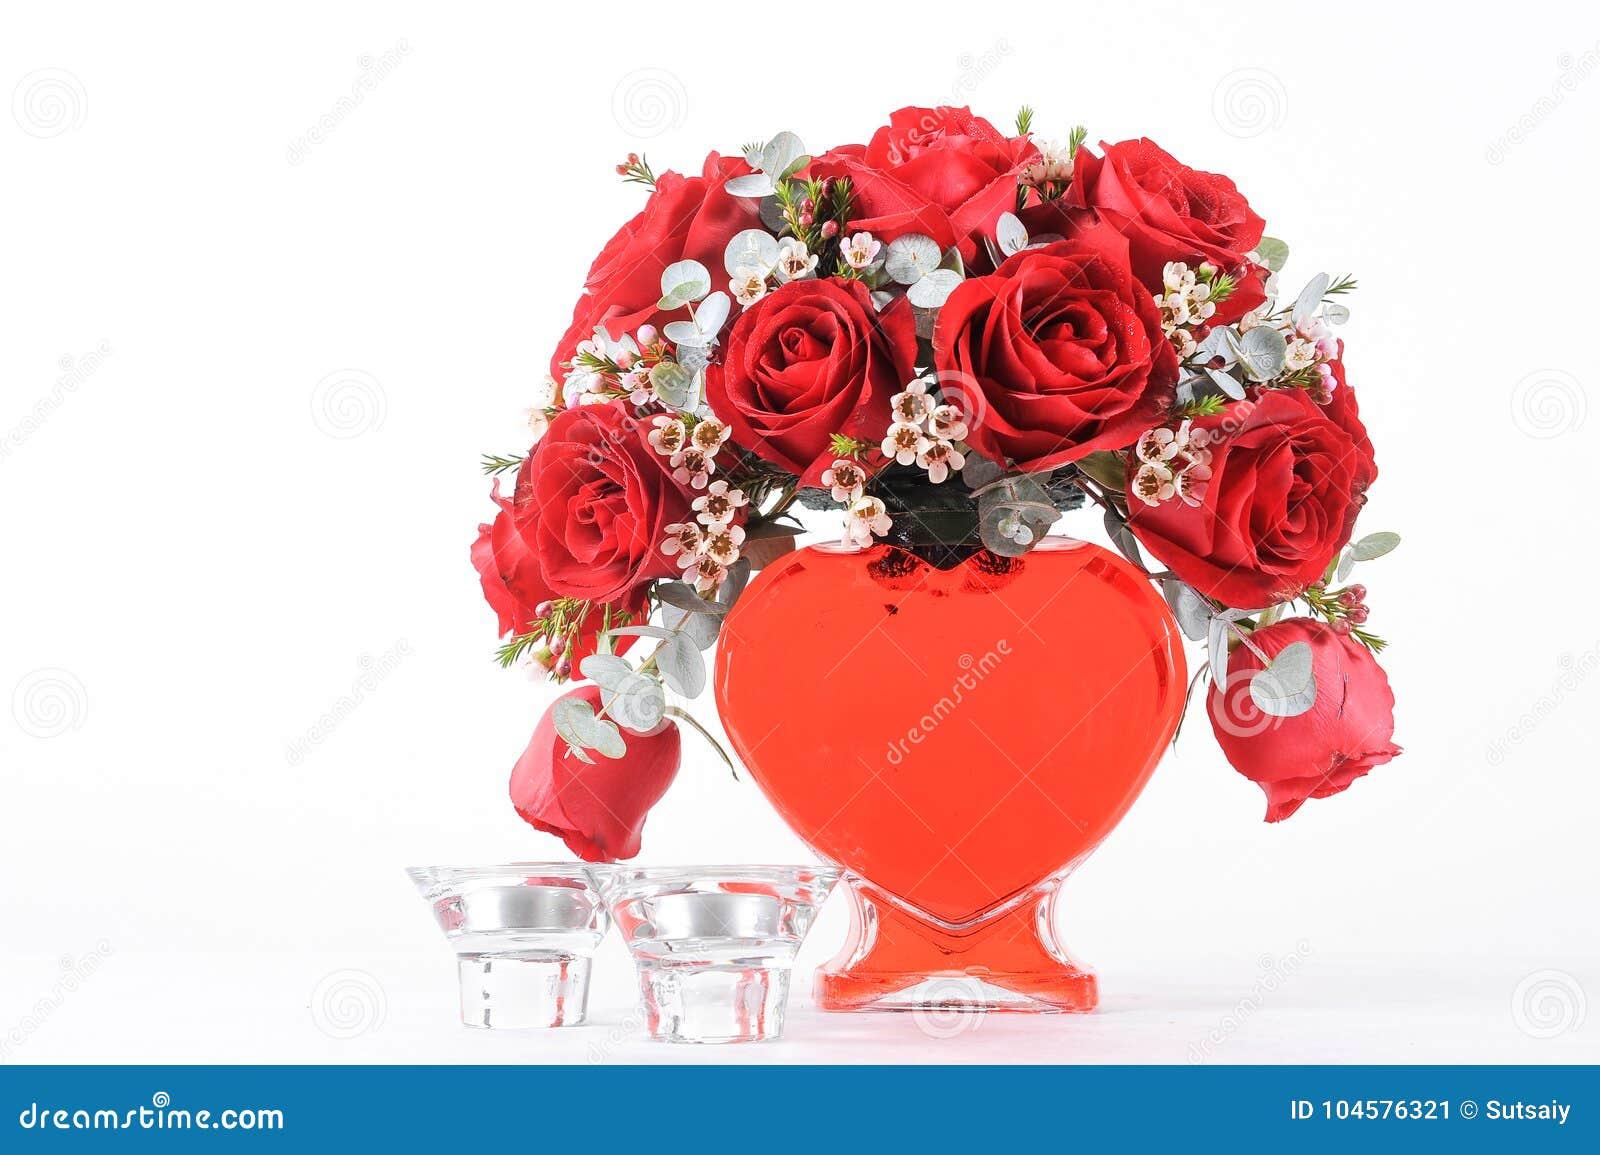 bouquet en forme de coeur des roses rouges image stock - image du